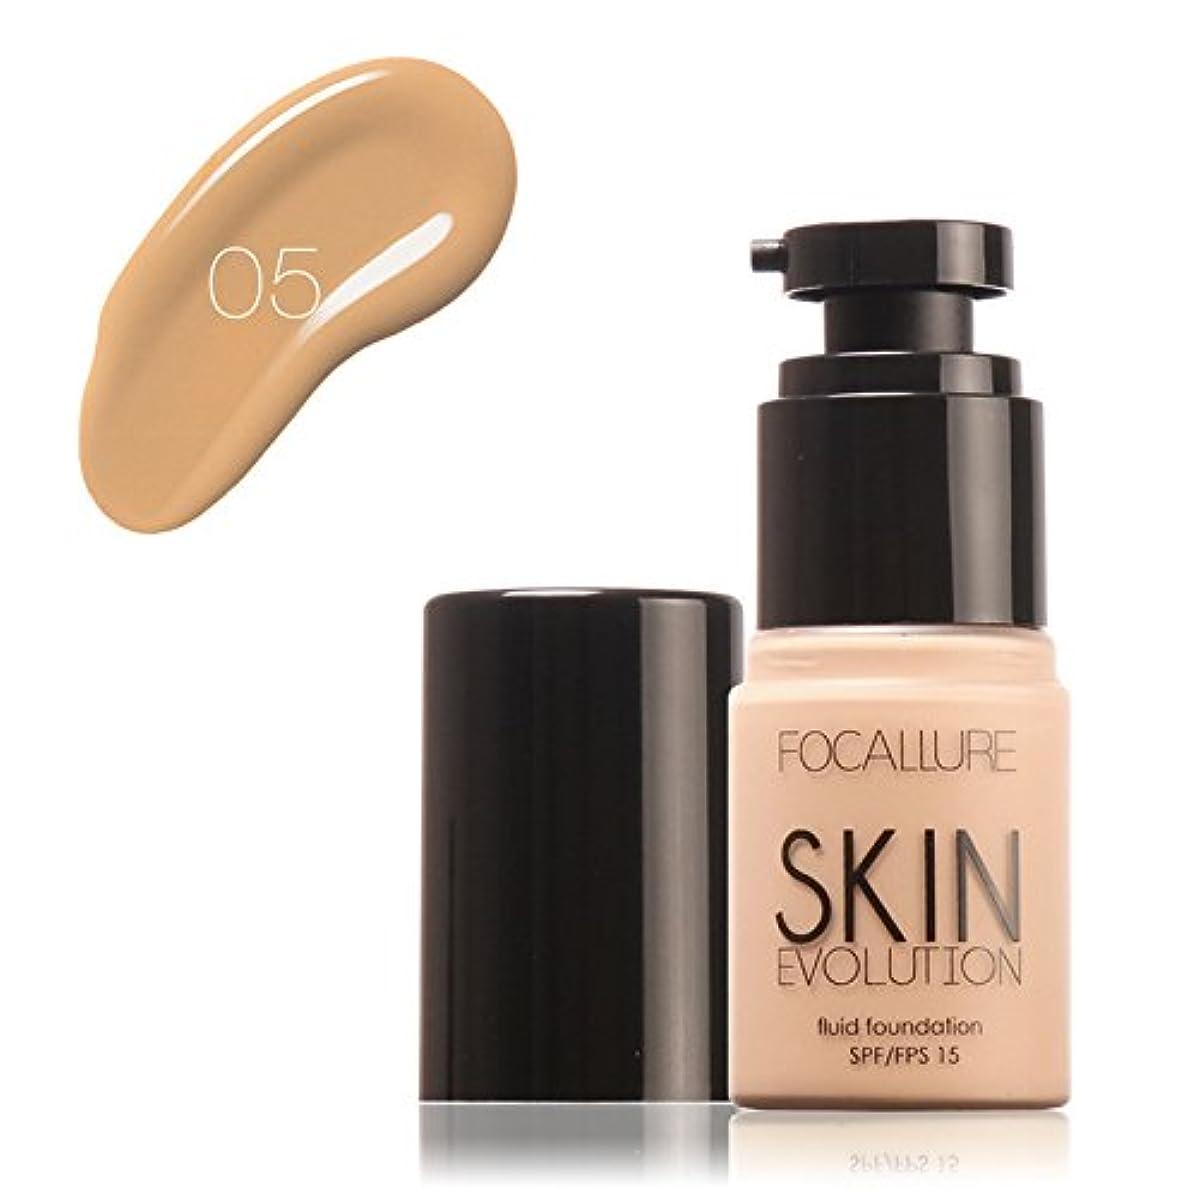 ペルメルつかいます丘Symboat BBクリーム リキッド ファンデーション 美白 ブライトナー コンシーラー ロングラスティング フェイスベース プライマー メイクアップ 化粧ベース 美容 化粧品 シミ くま ニキビ隠し 日焼け止め UV対策